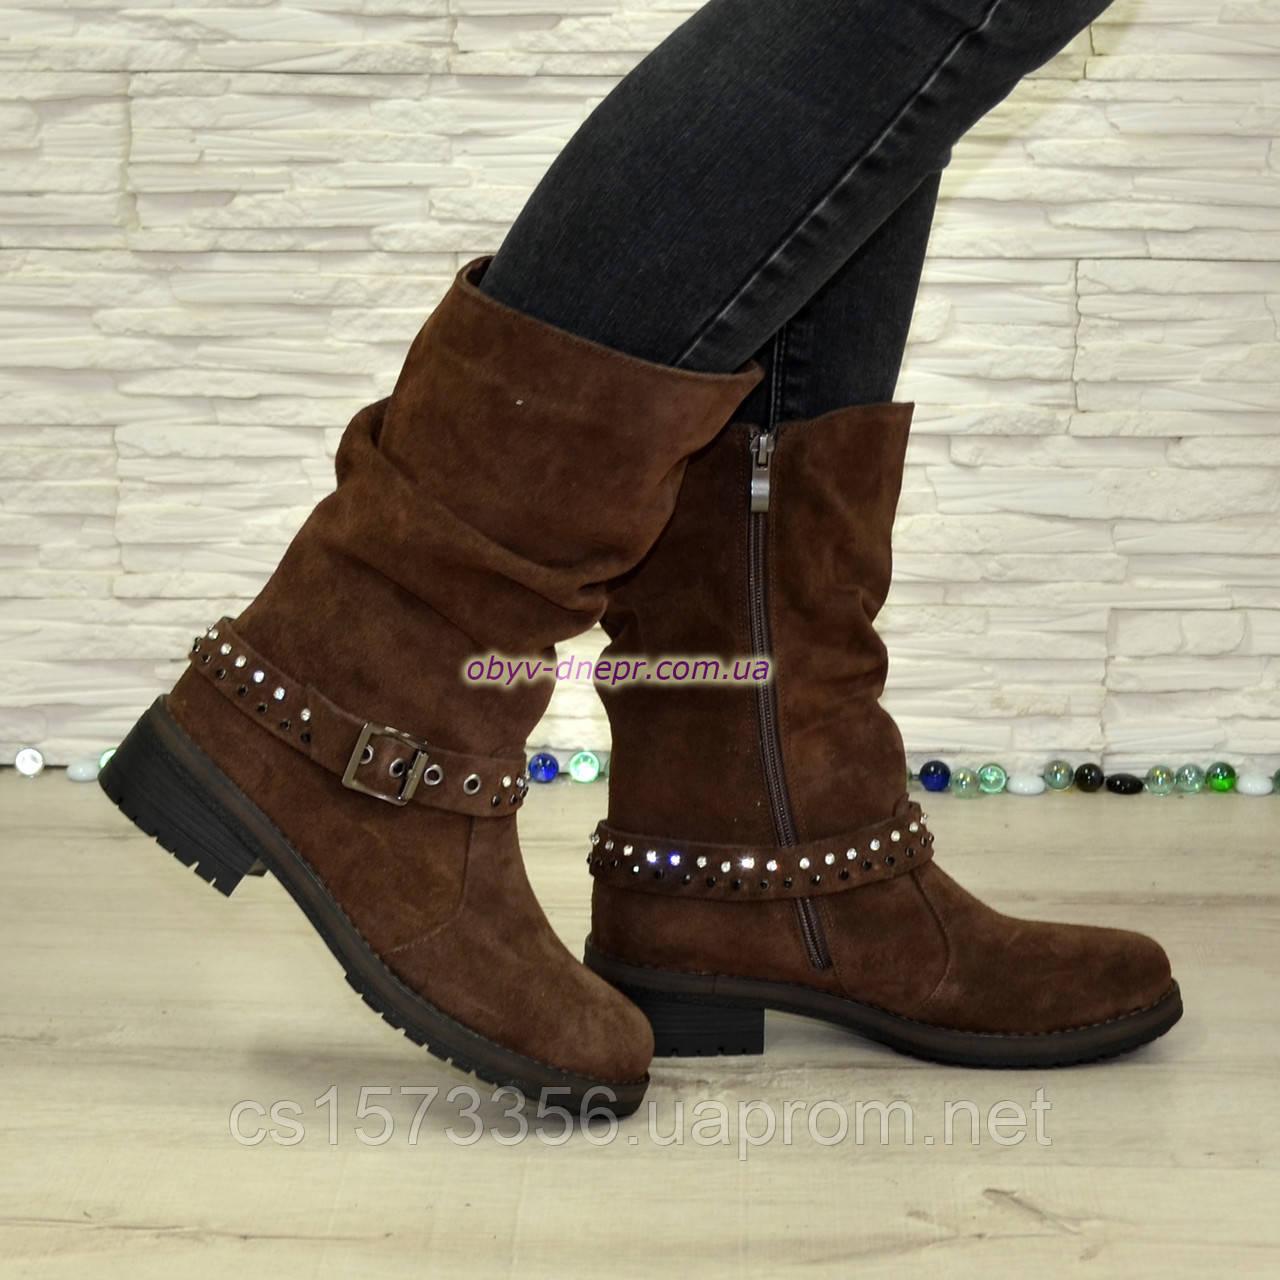 Ботинки замшевые женские демисезонные на маленьком каблуке, декорированы ремешком